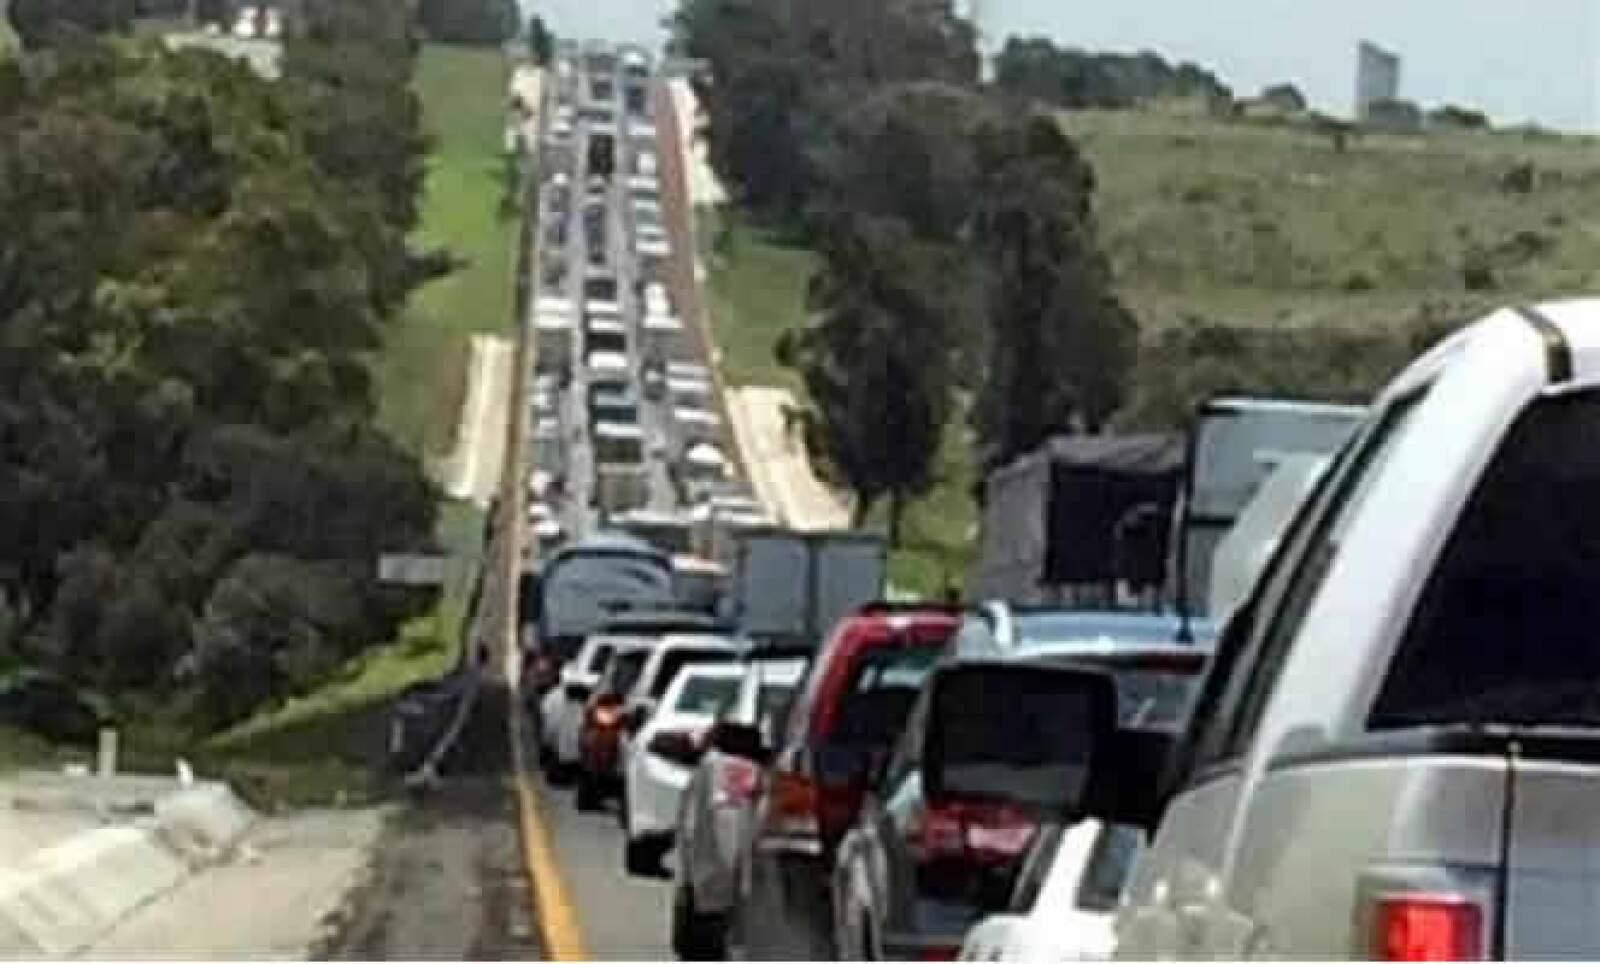 En la carretera México-Querétaro se registran filas de hasta 3 kilómetros, reportó en Twitter el usuario @rojashector.